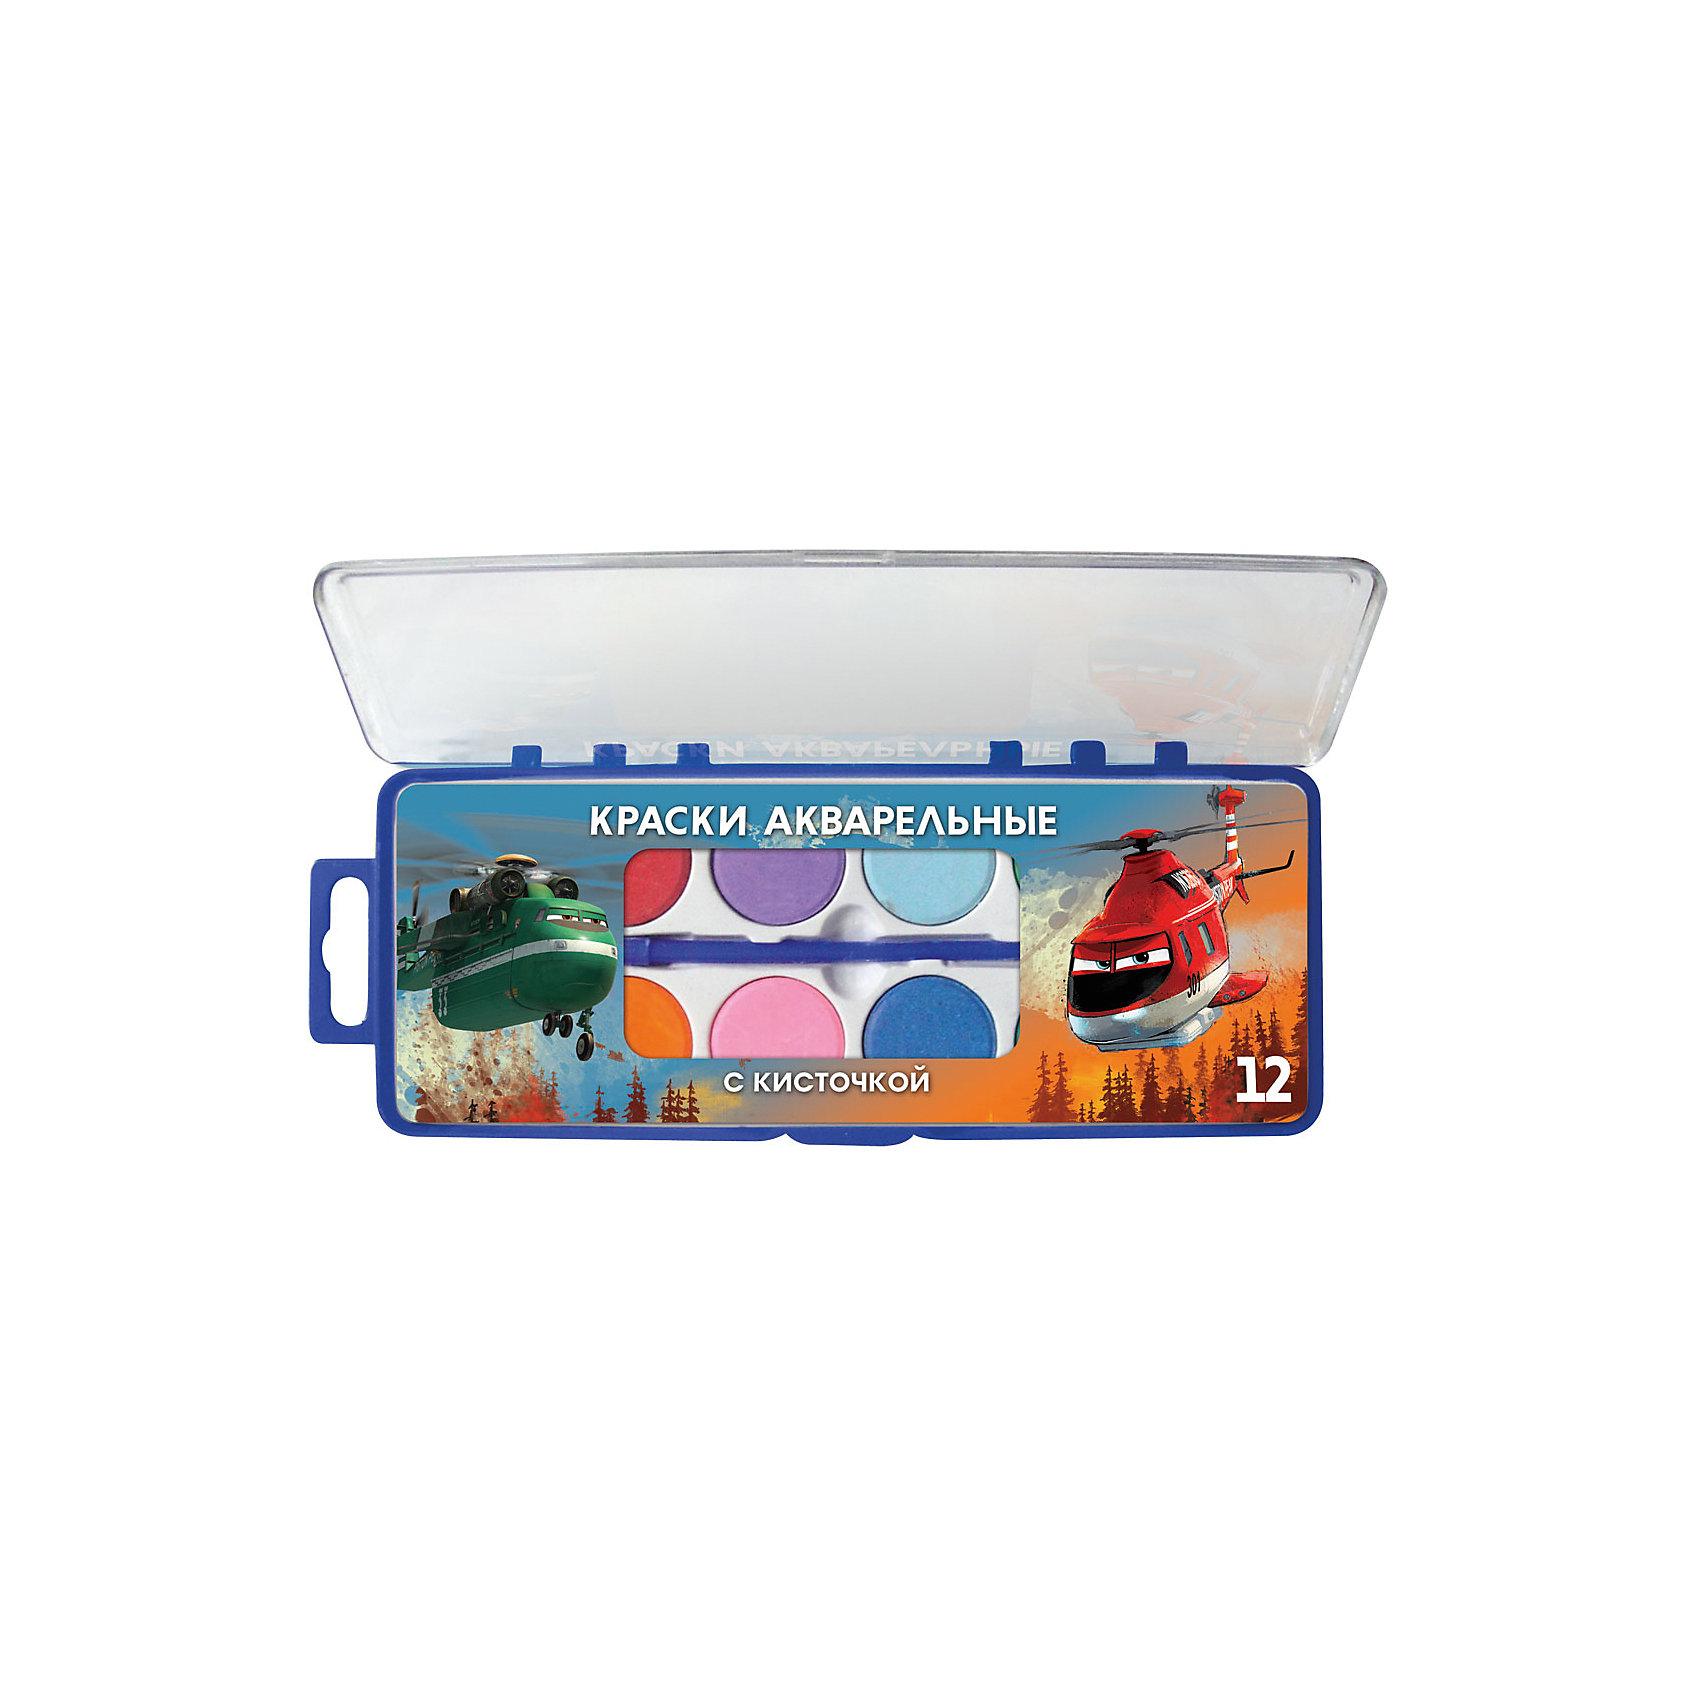 Акварельные краски, 12 цветов, Самолеты 2Акварельные краски, 12 цветов, Самолеты 2 – это краски на водной основе идеальны для начинающих художников.<br>Акварельные краски Самолеты (Planes) хорошо подойдут как для школьных занятий, так и для детского творчества в свободное время. В наборе 12 акварельных красок и кисточка, упакованных в пластиковый пенал. Краски имеют яркие насыщенные цвета, легко размываются, создавая прозрачный цветной слой, легко смешиваются между собой, не крошатся и не смазываются, быстро сохнут. Краски изготовлены из натуральных компонентов и абсолютно безвредны. Легко отмываются от рук и отстирываются от одежды. В процессе рисования у детей развивается наглядно-образное мышление, воображение, мелкая моторика рук, творческие и художественные способности, вырабатывается усидчивость и аккуратность.<br><br>Дополнительная информация:<br><br>- В наборе: краски 12 цветов, кисточка<br>- Размер упаковки: 24 х 8 х 1,5 см.<br>- Вес: 132 гр.<br><br>Акварельные краски, 12 цветов, Самолеты 2 (Planes) можно купить в нашем интернет-магазине.<br><br>Ширина мм: 15<br>Глубина мм: 240<br>Высота мм: 80<br>Вес г: 132<br>Возраст от месяцев: 48<br>Возраст до месяцев: 96<br>Пол: Унисекс<br>Возраст: Детский<br>SKU: 3986176